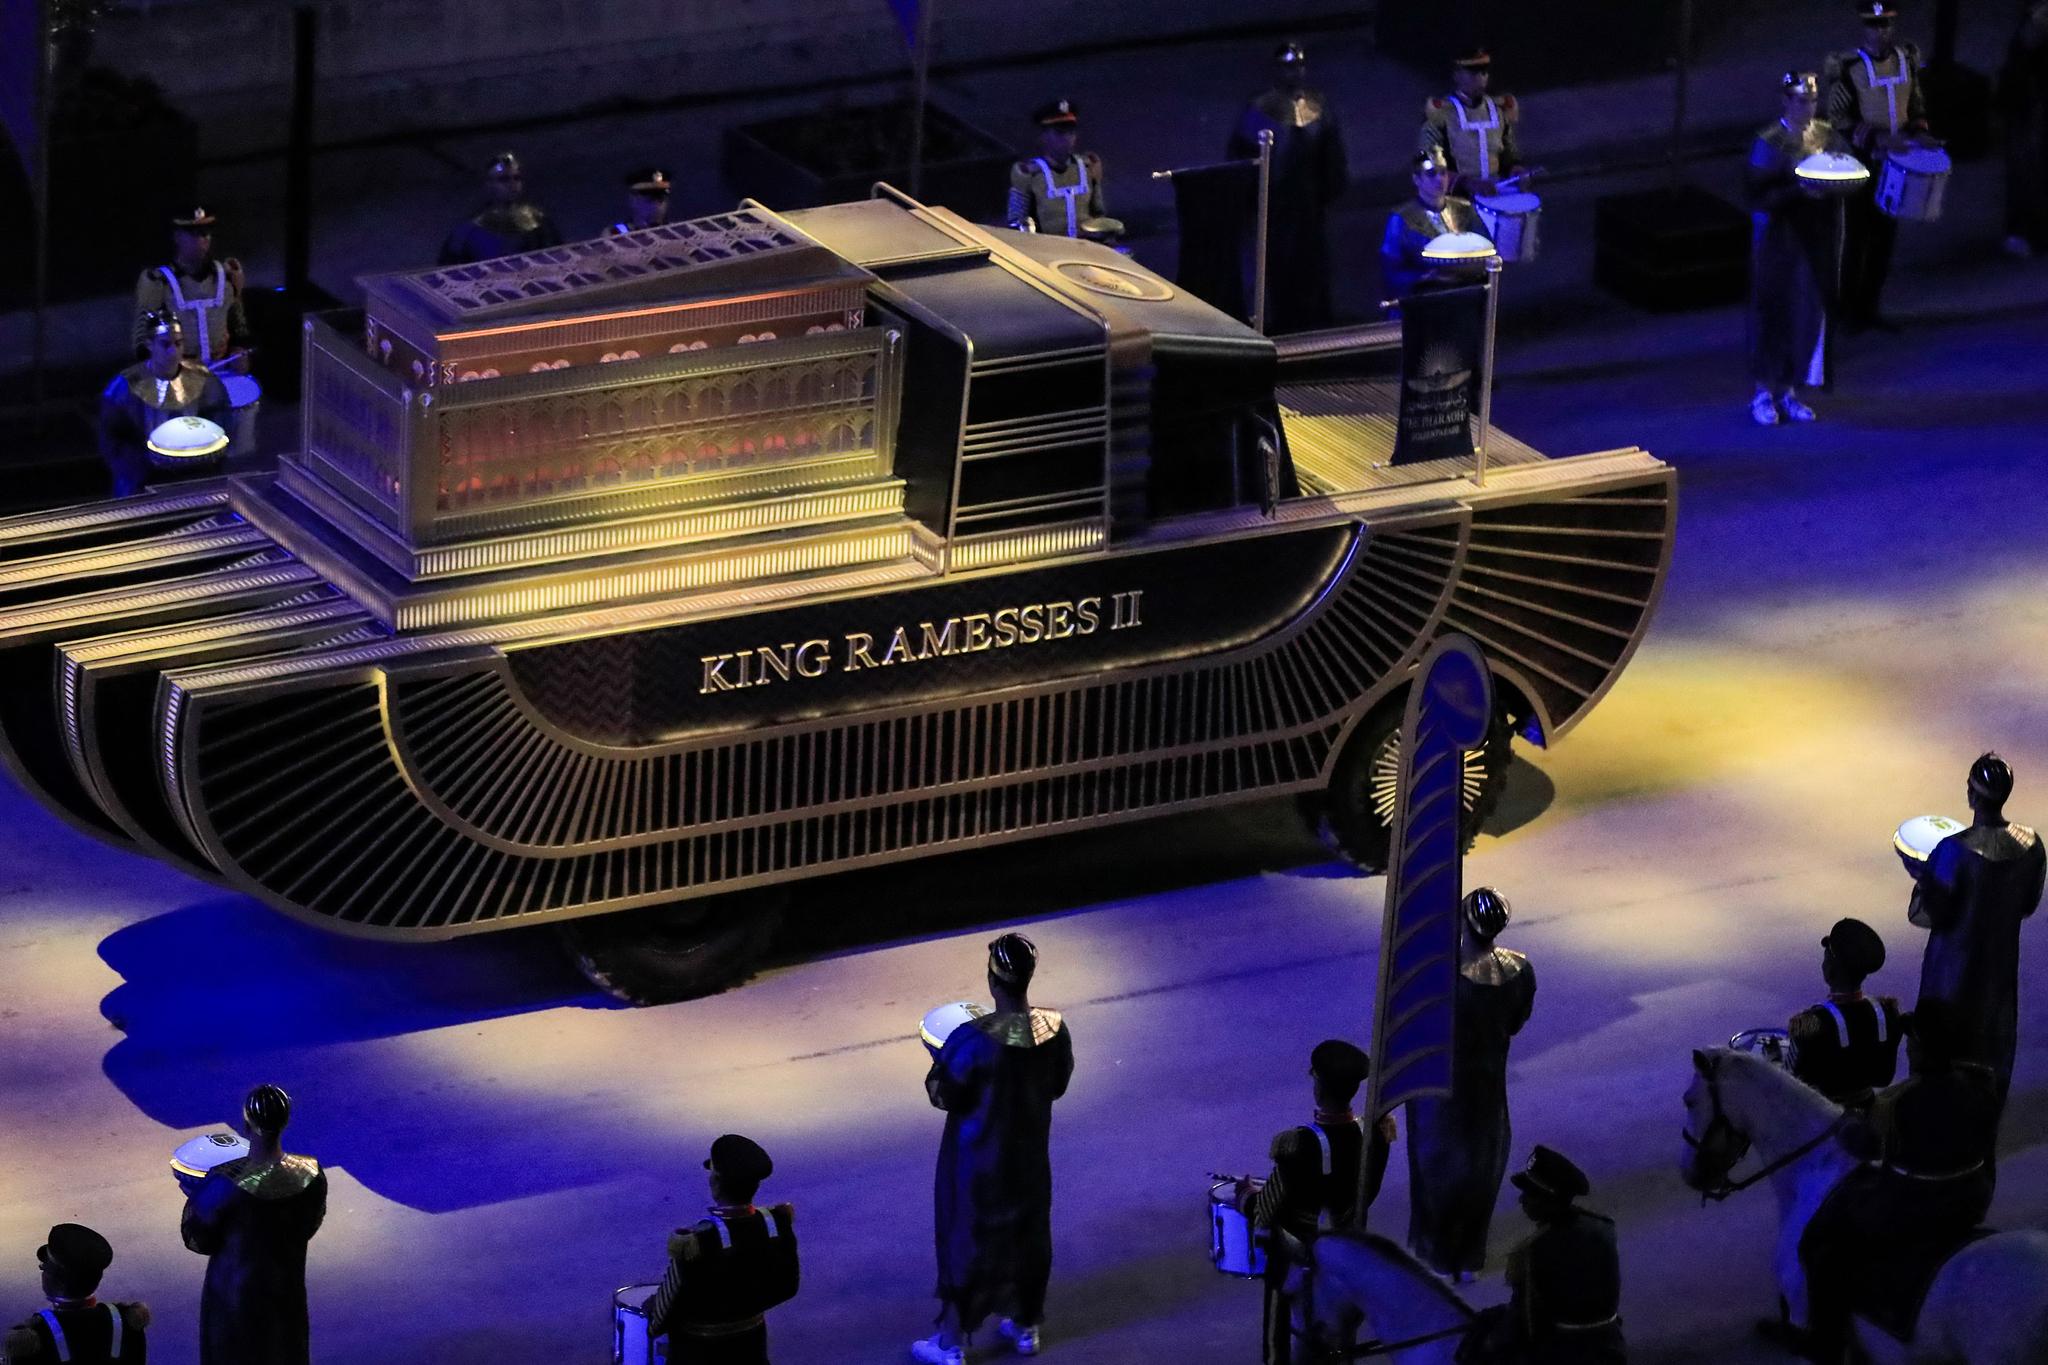 고대 이집트 파라오 람세스 2세의 미라가 3일(현지시간) 저녁 고대 이집트 왕가의 문장으로 장식된 트럭에 실려 새 박물관으로 이송되고 있다. AFP=연합뉴스